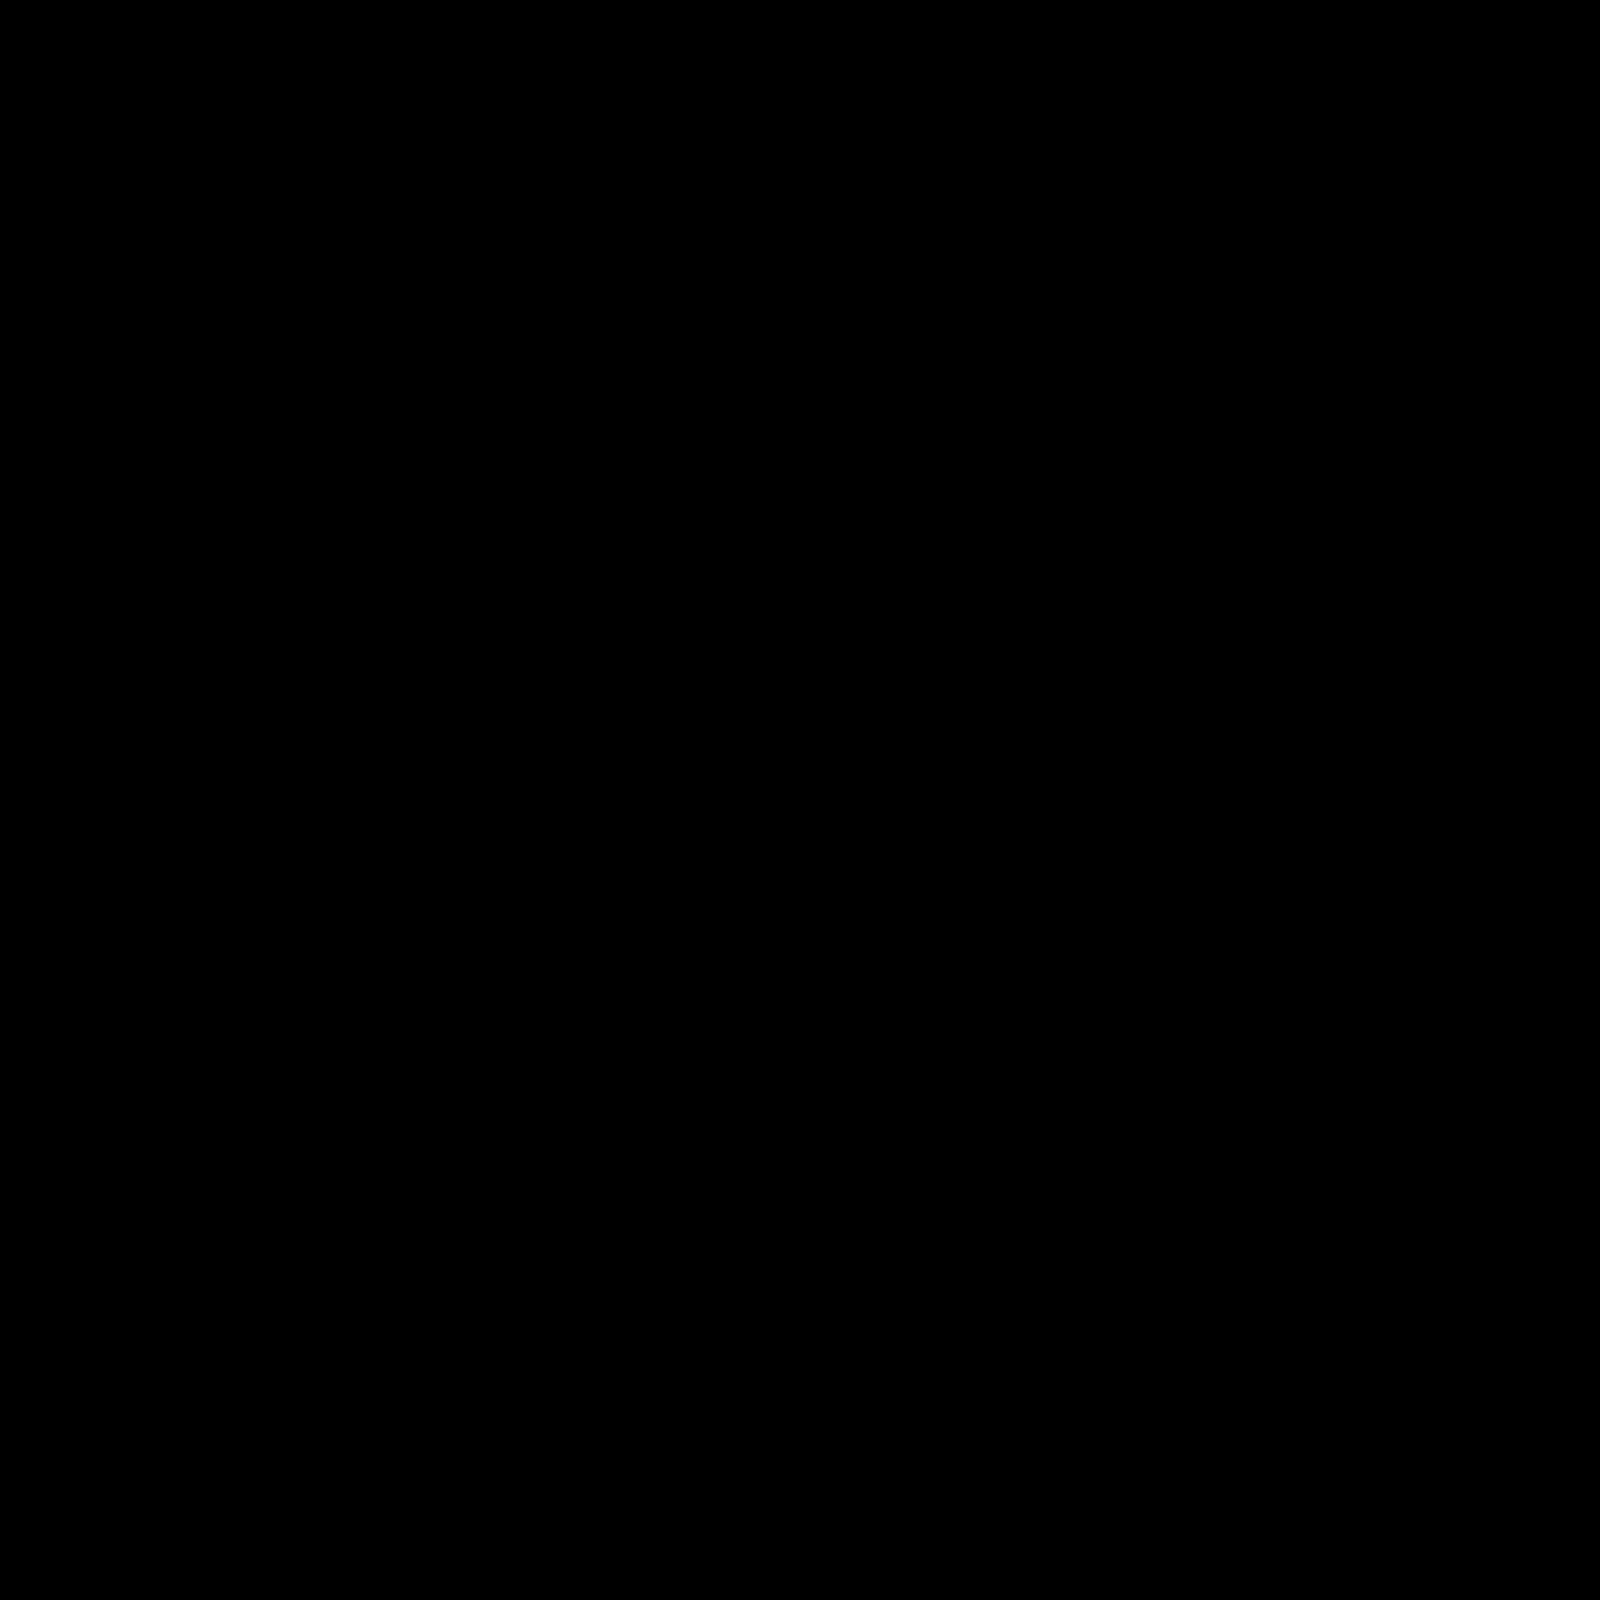 Szewron górę icon